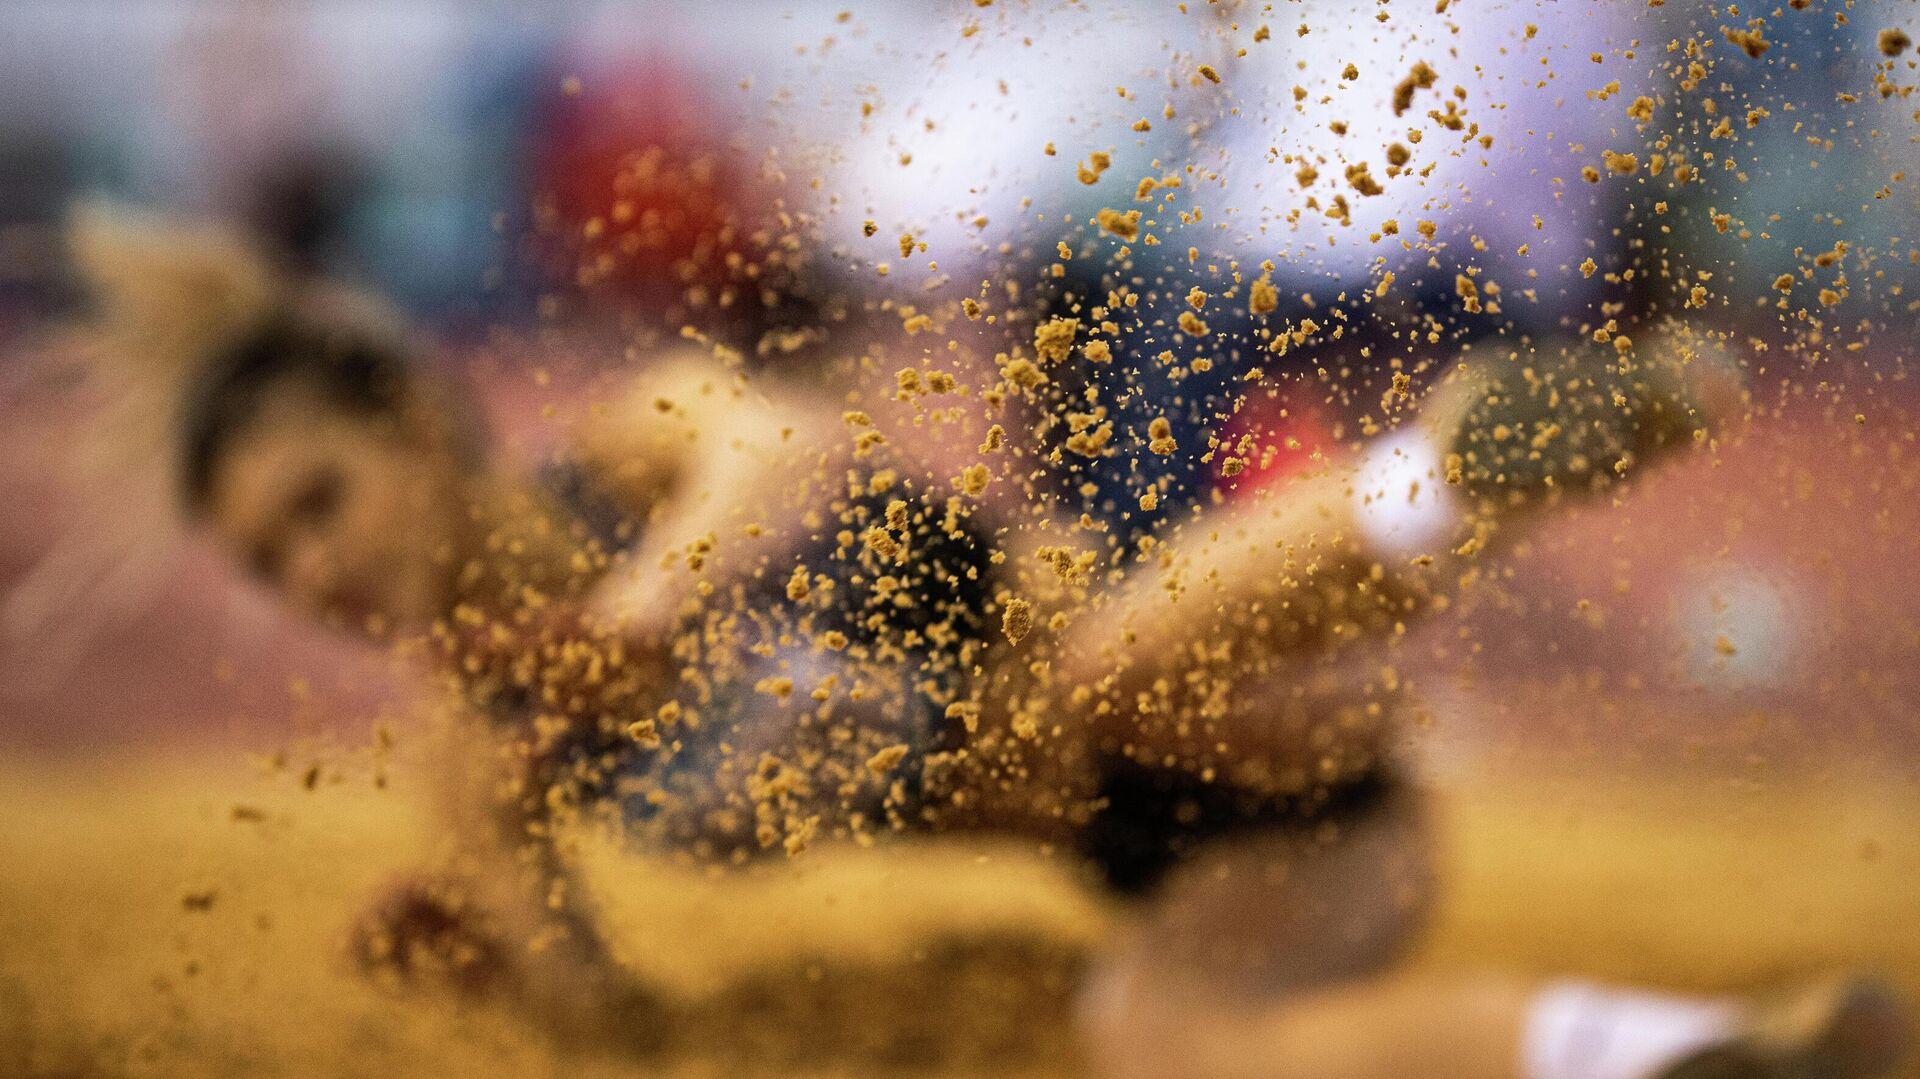 Участница соревнований по прыжкам в длину на чемпионате России по легкой атлетике в помещении в Москве. - РИА Новости, 1920, 27.06.2021